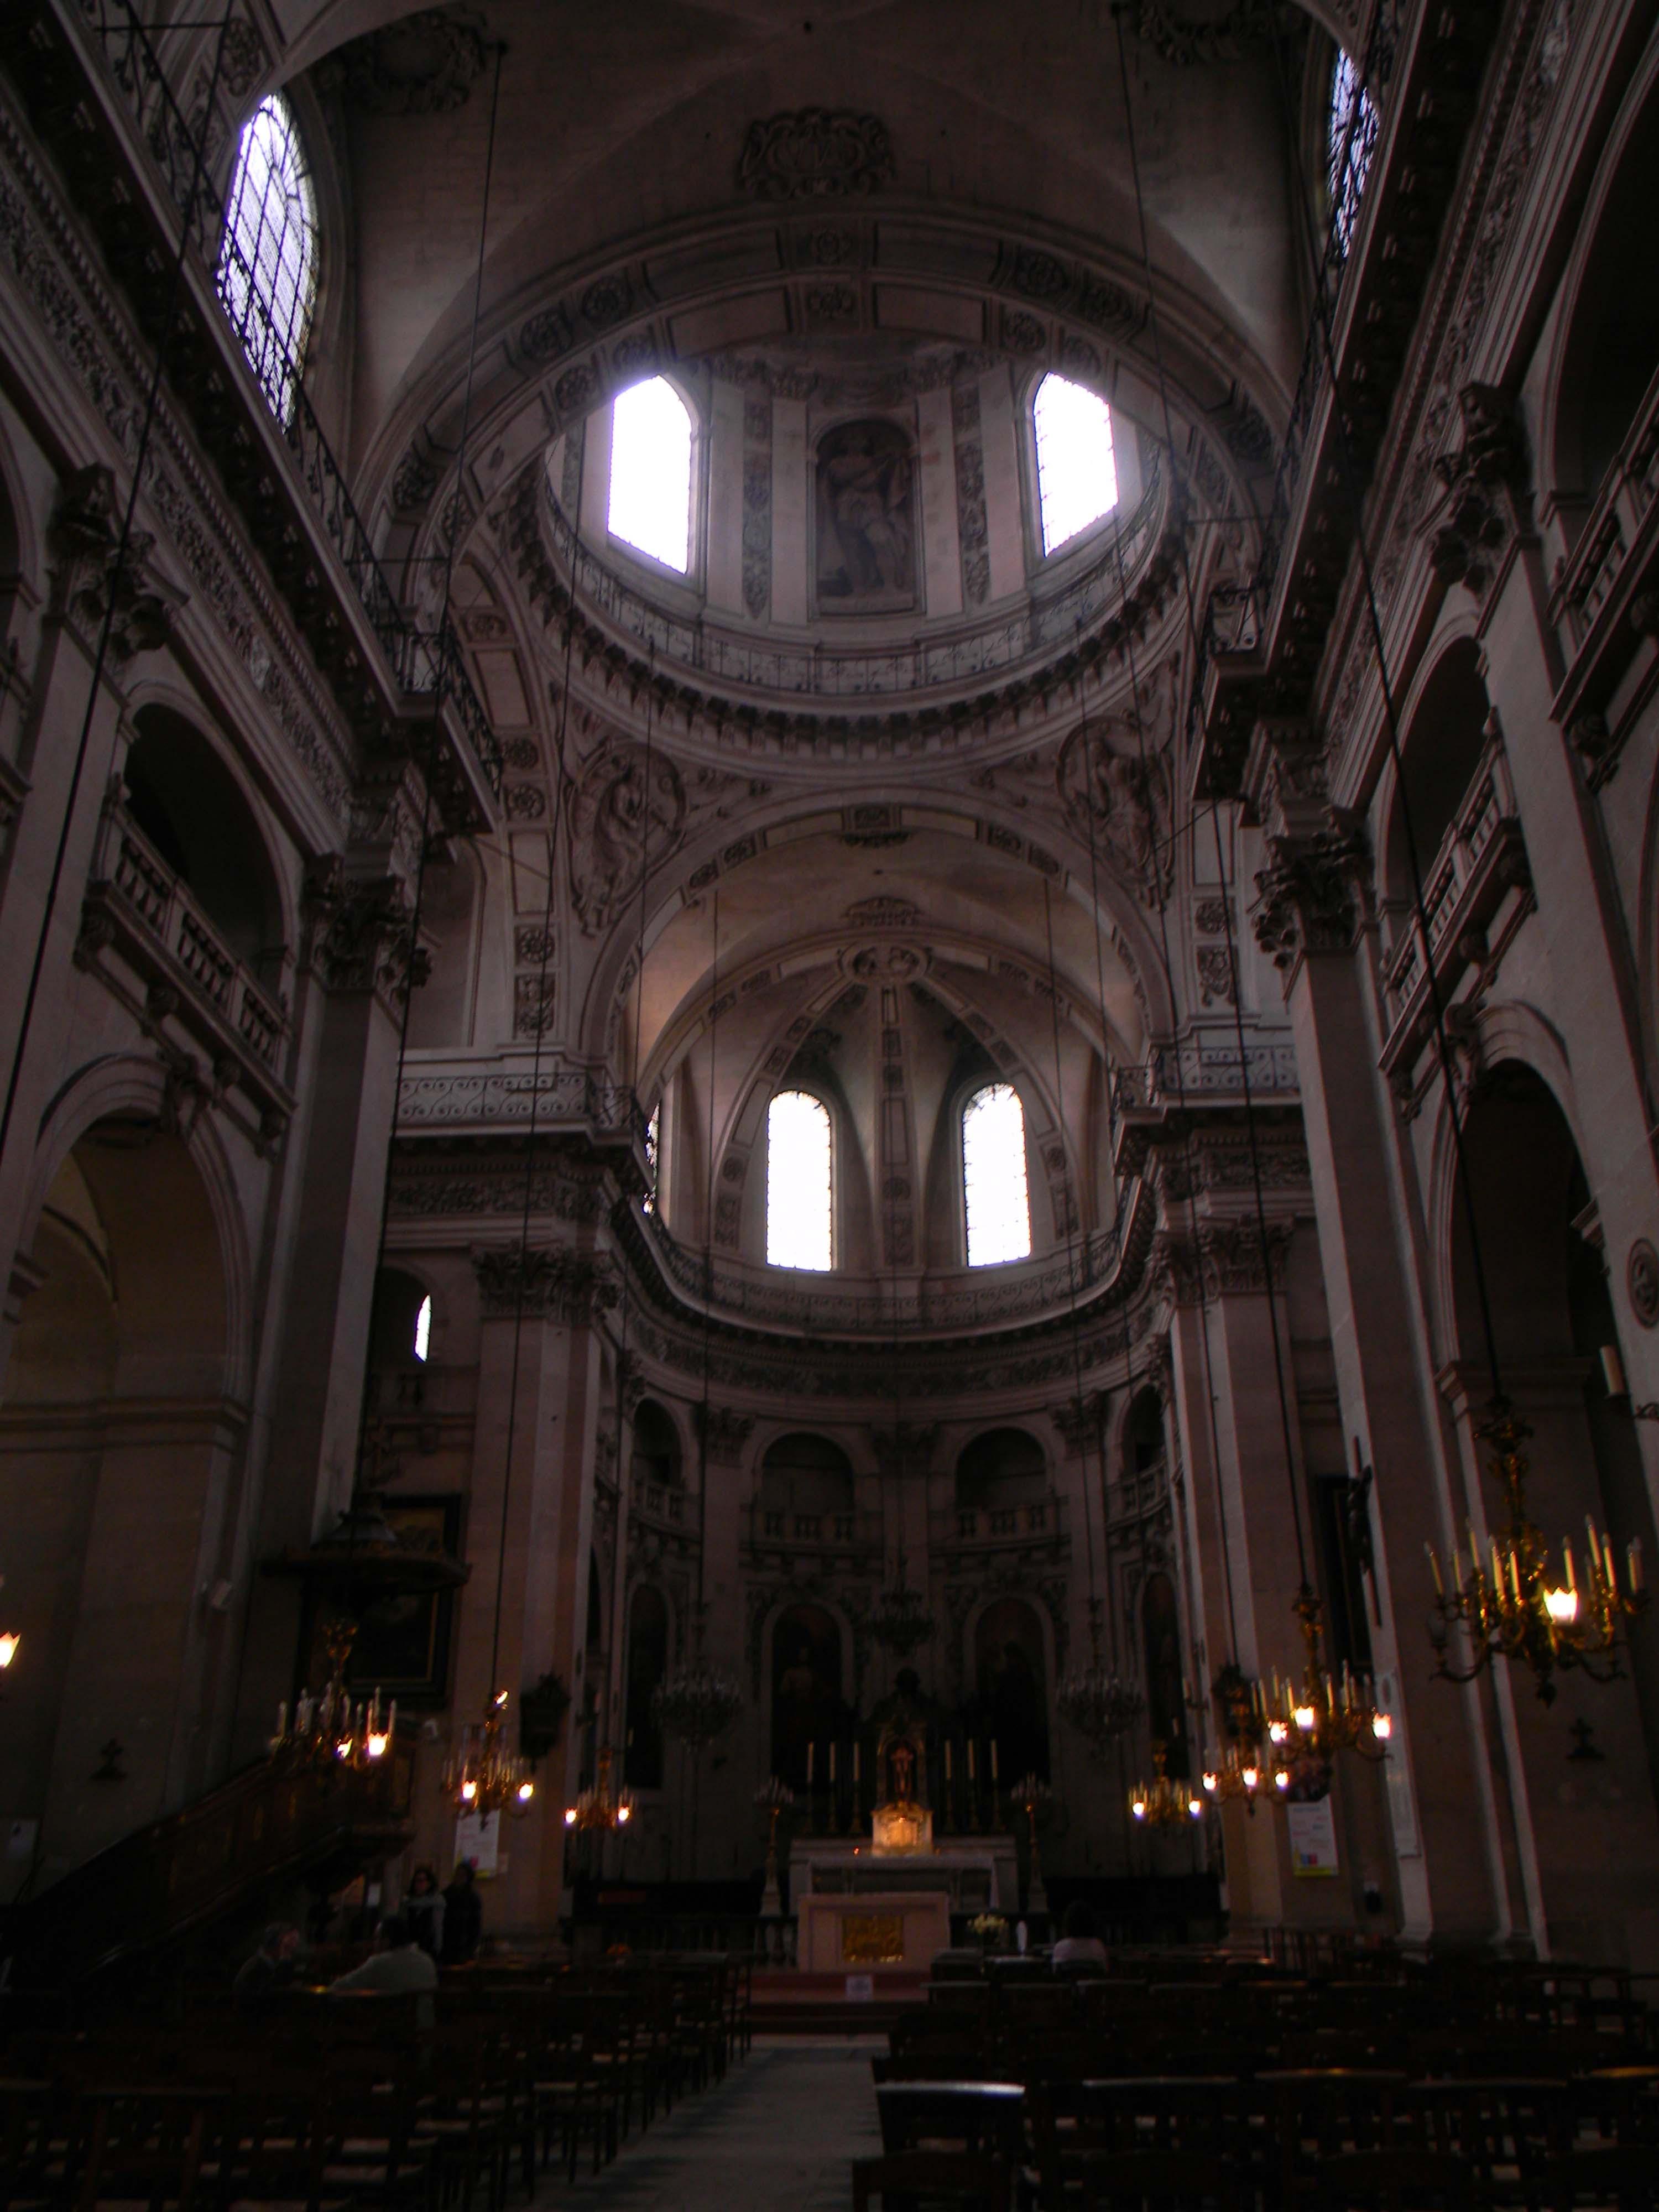 St. Paul-St. Louis dome